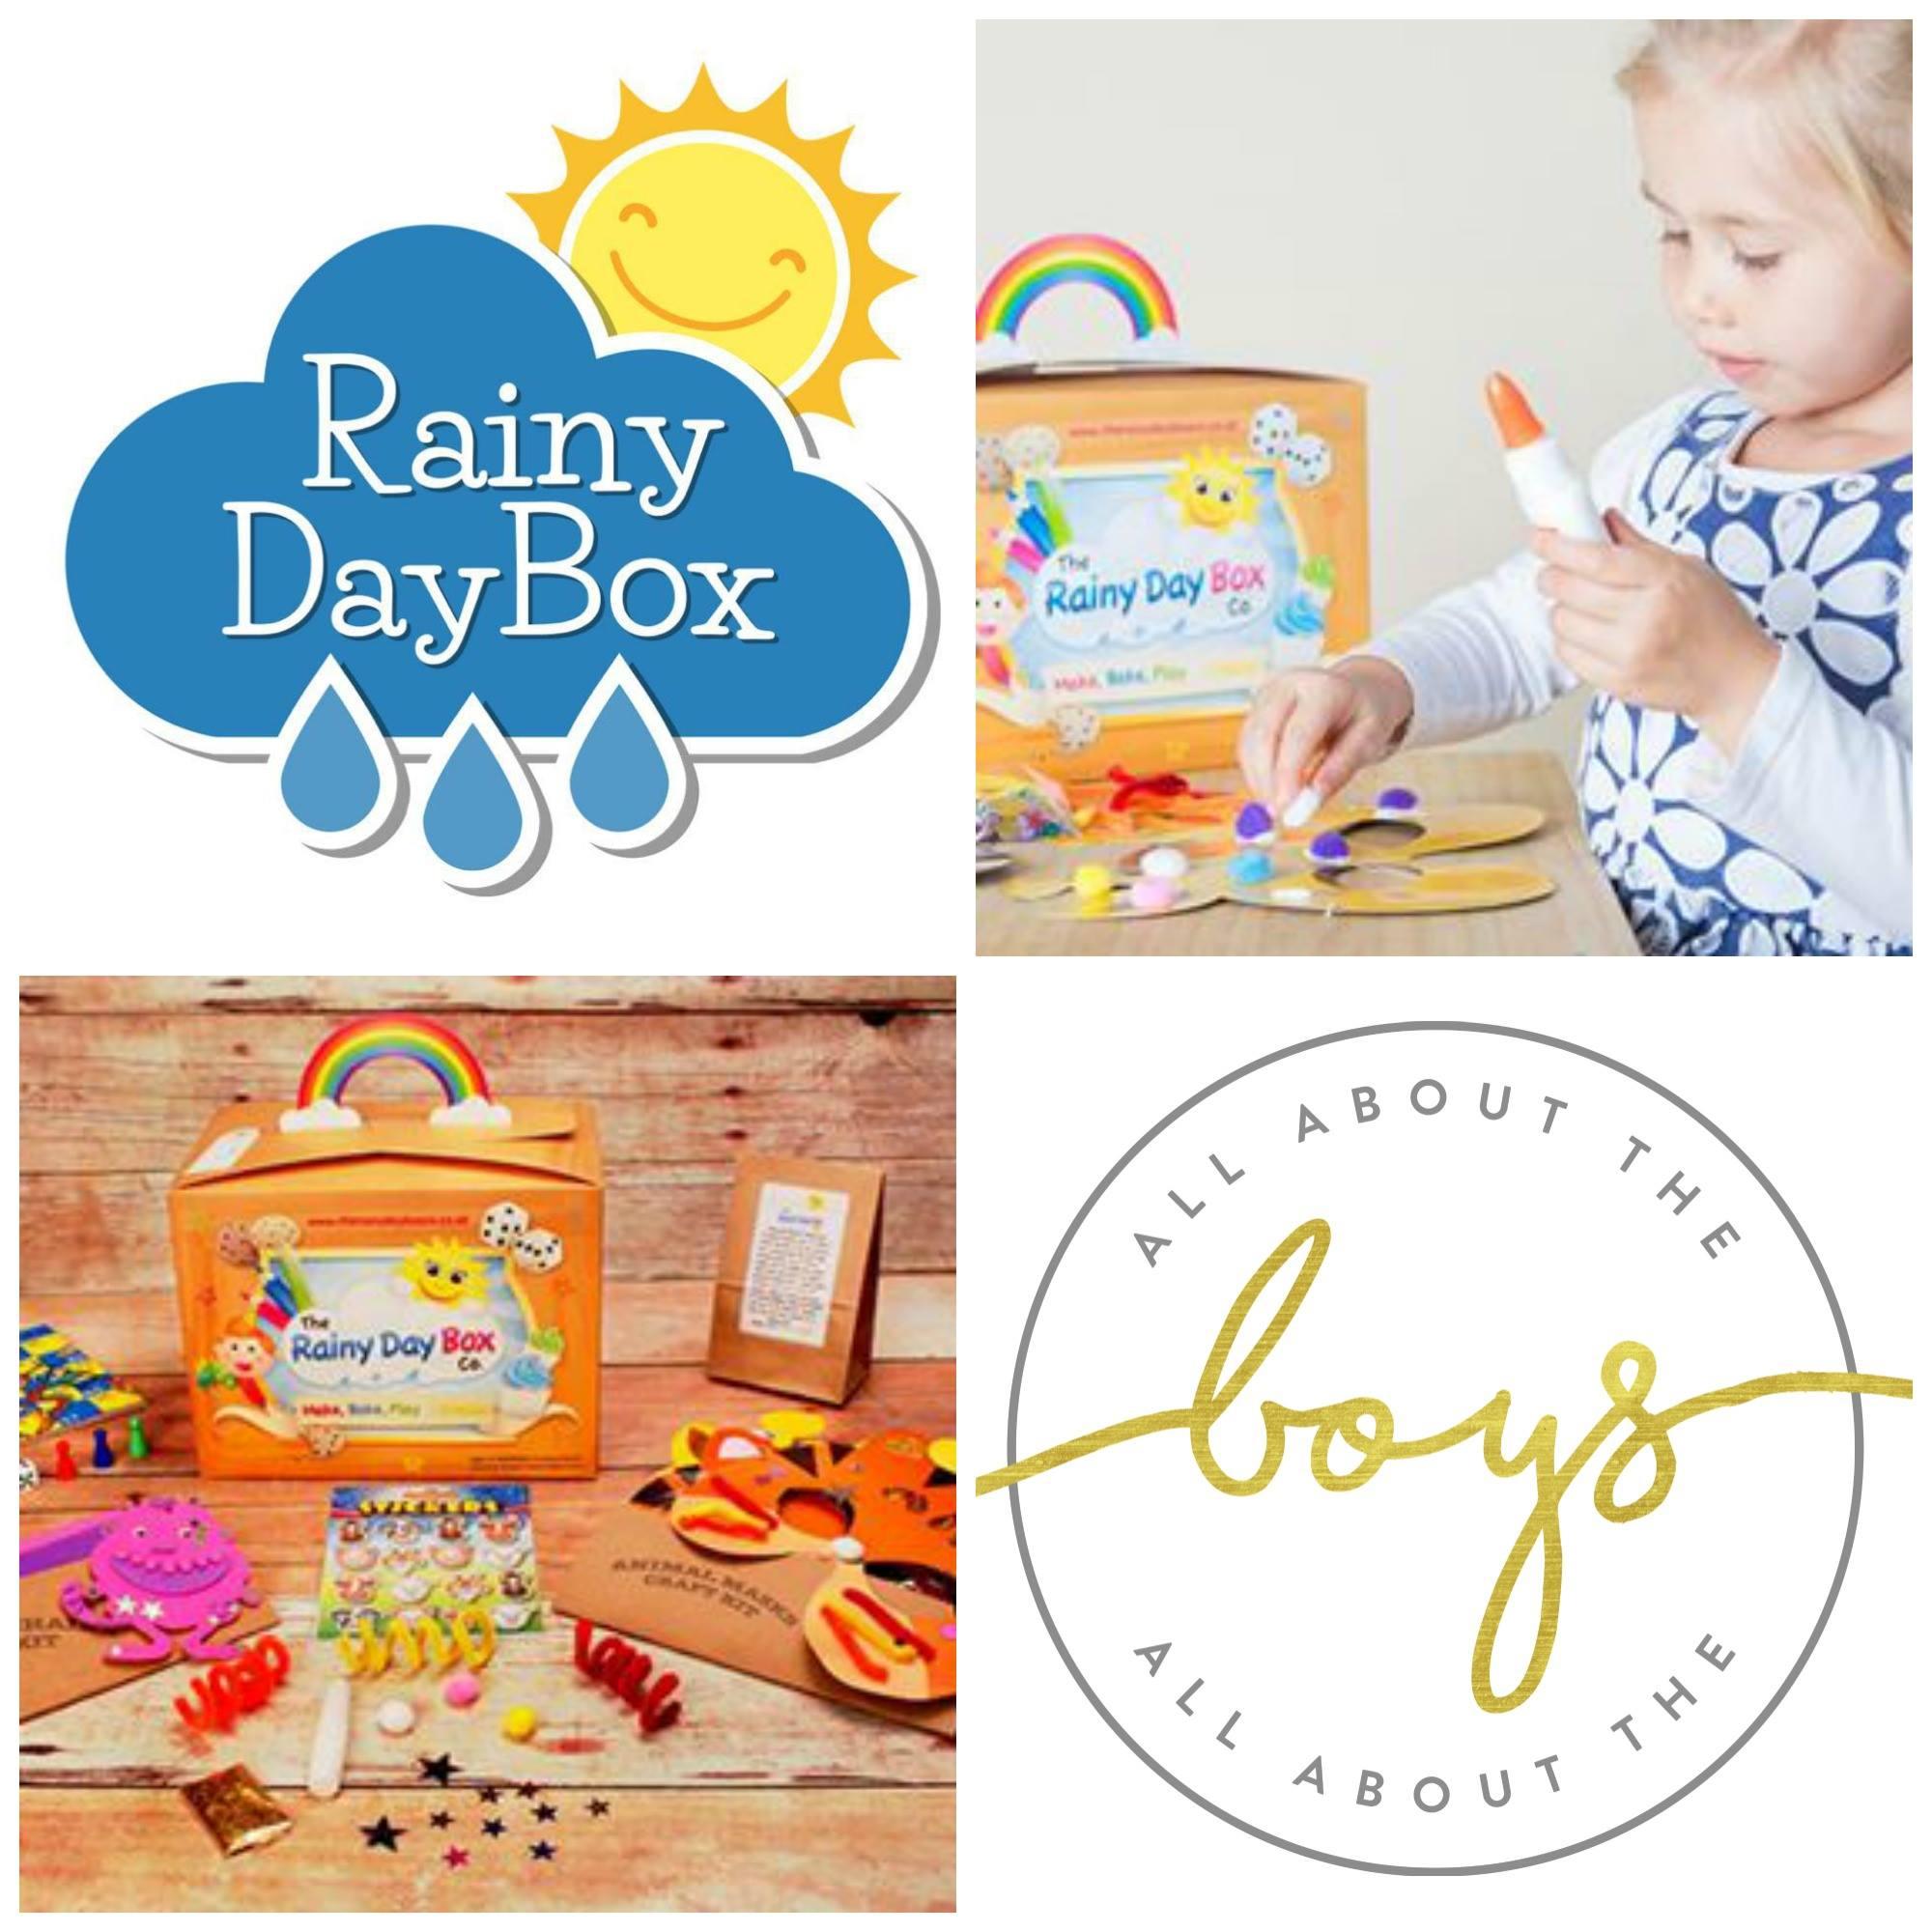 Rainy Day Box Company